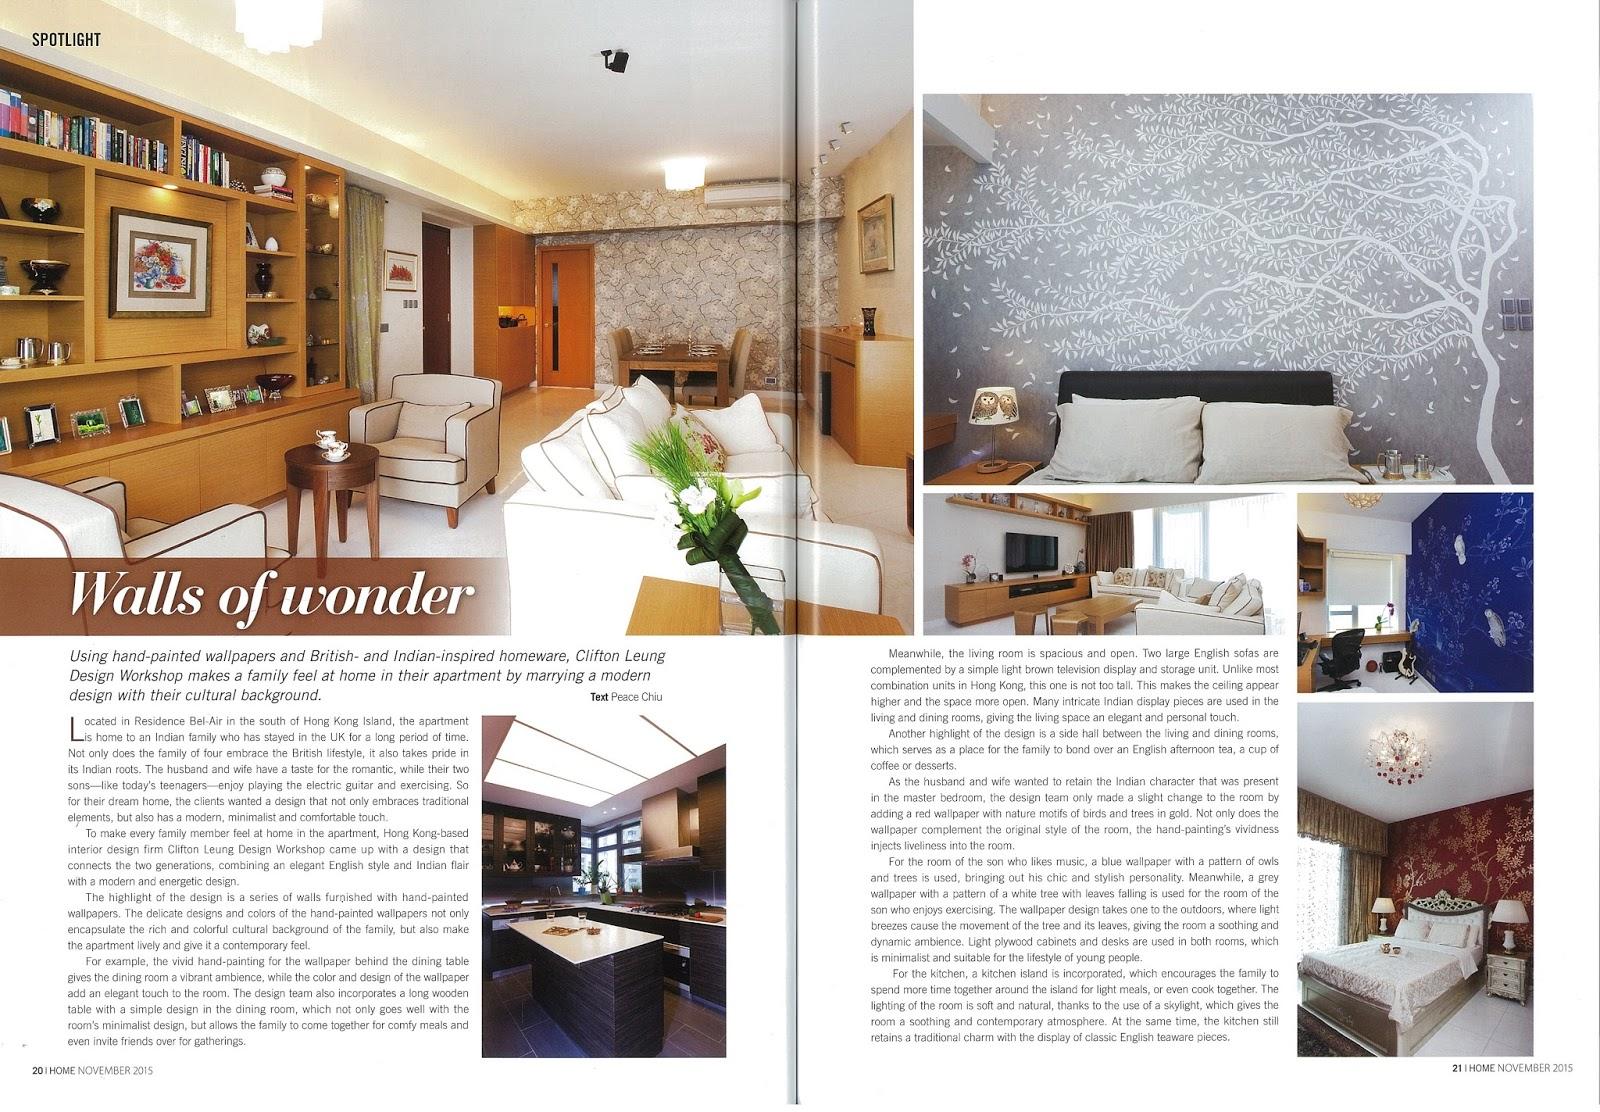 Hong Kong Interior Design Tips & Ideas | Clifton Leung: British- and ...